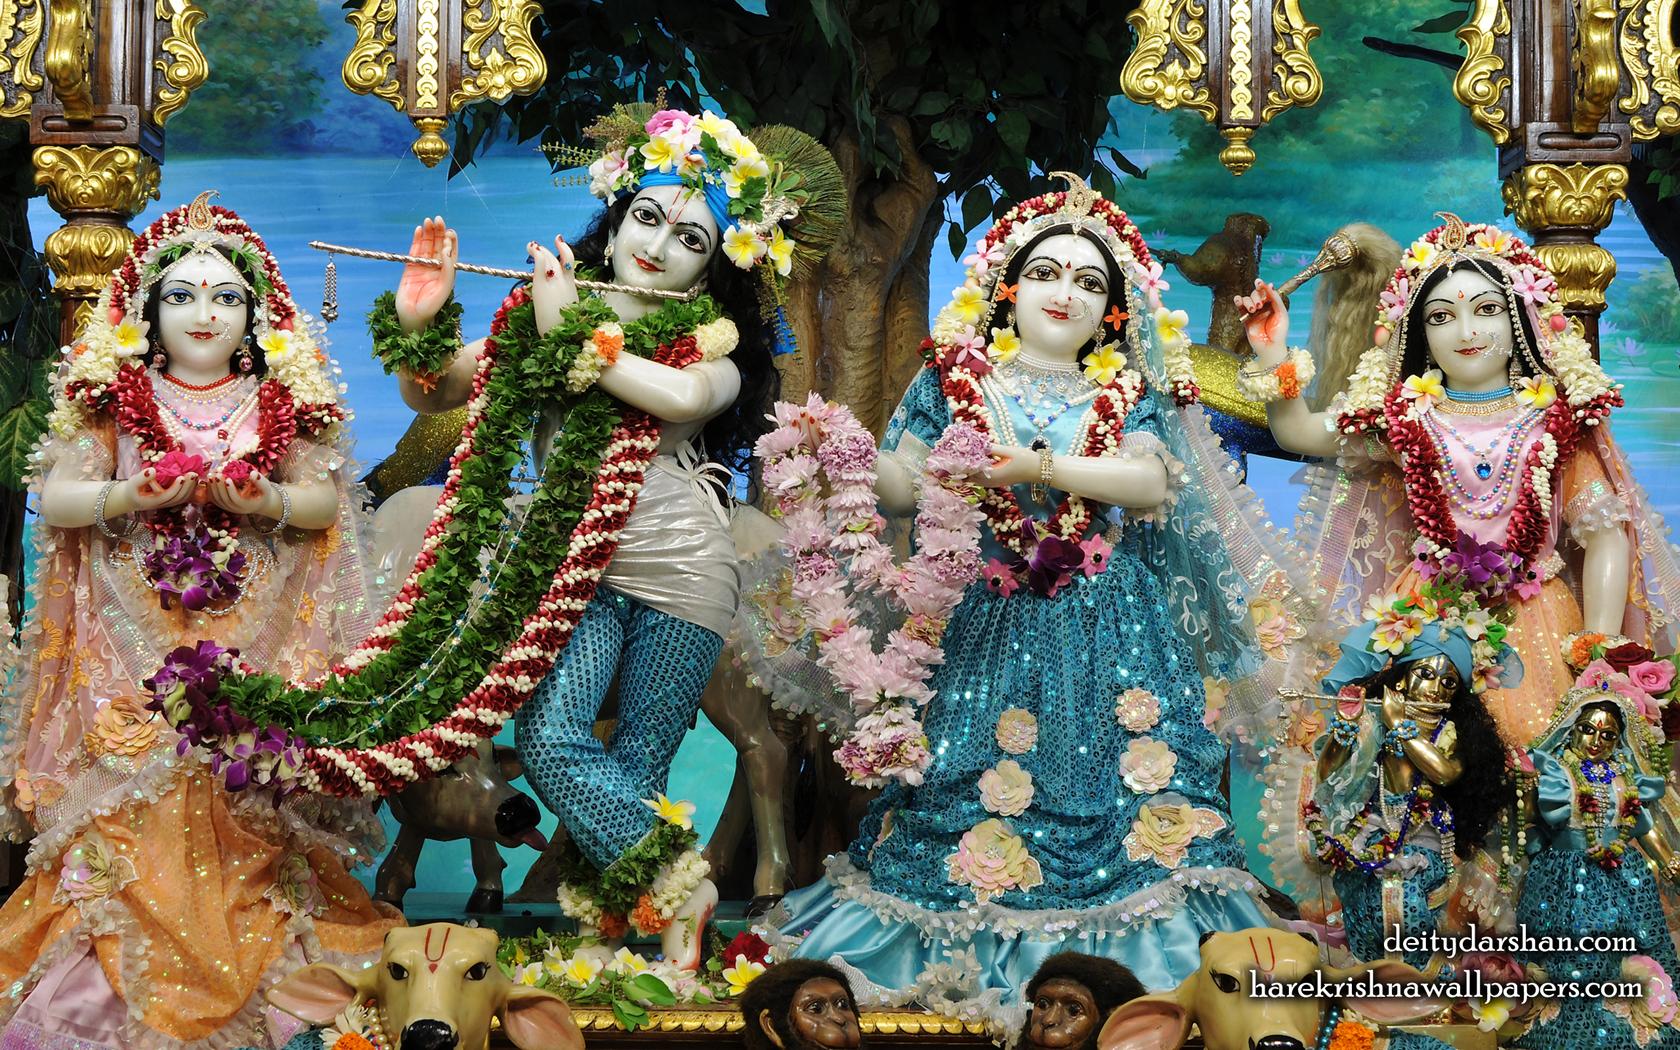 Sri Sri Radha Gopinath Lalita Vishakha Wallpaper (074) Size 1680x1050 Download